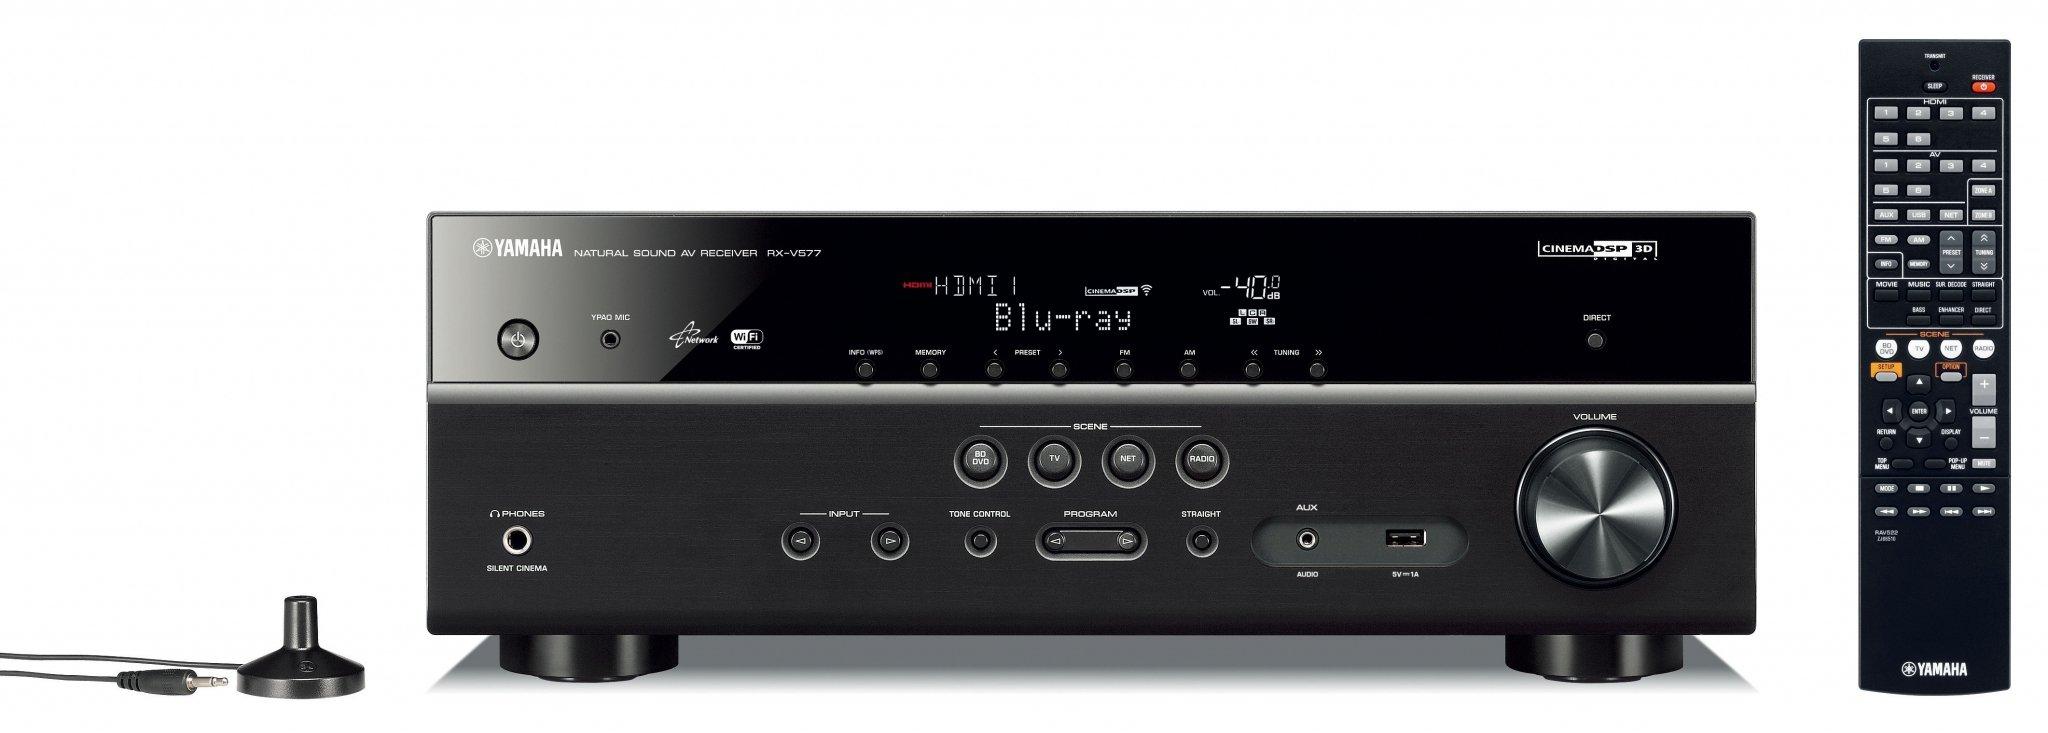 Yamaha rx v577 surround receiver produktoversigt for Yamaha tv receiver